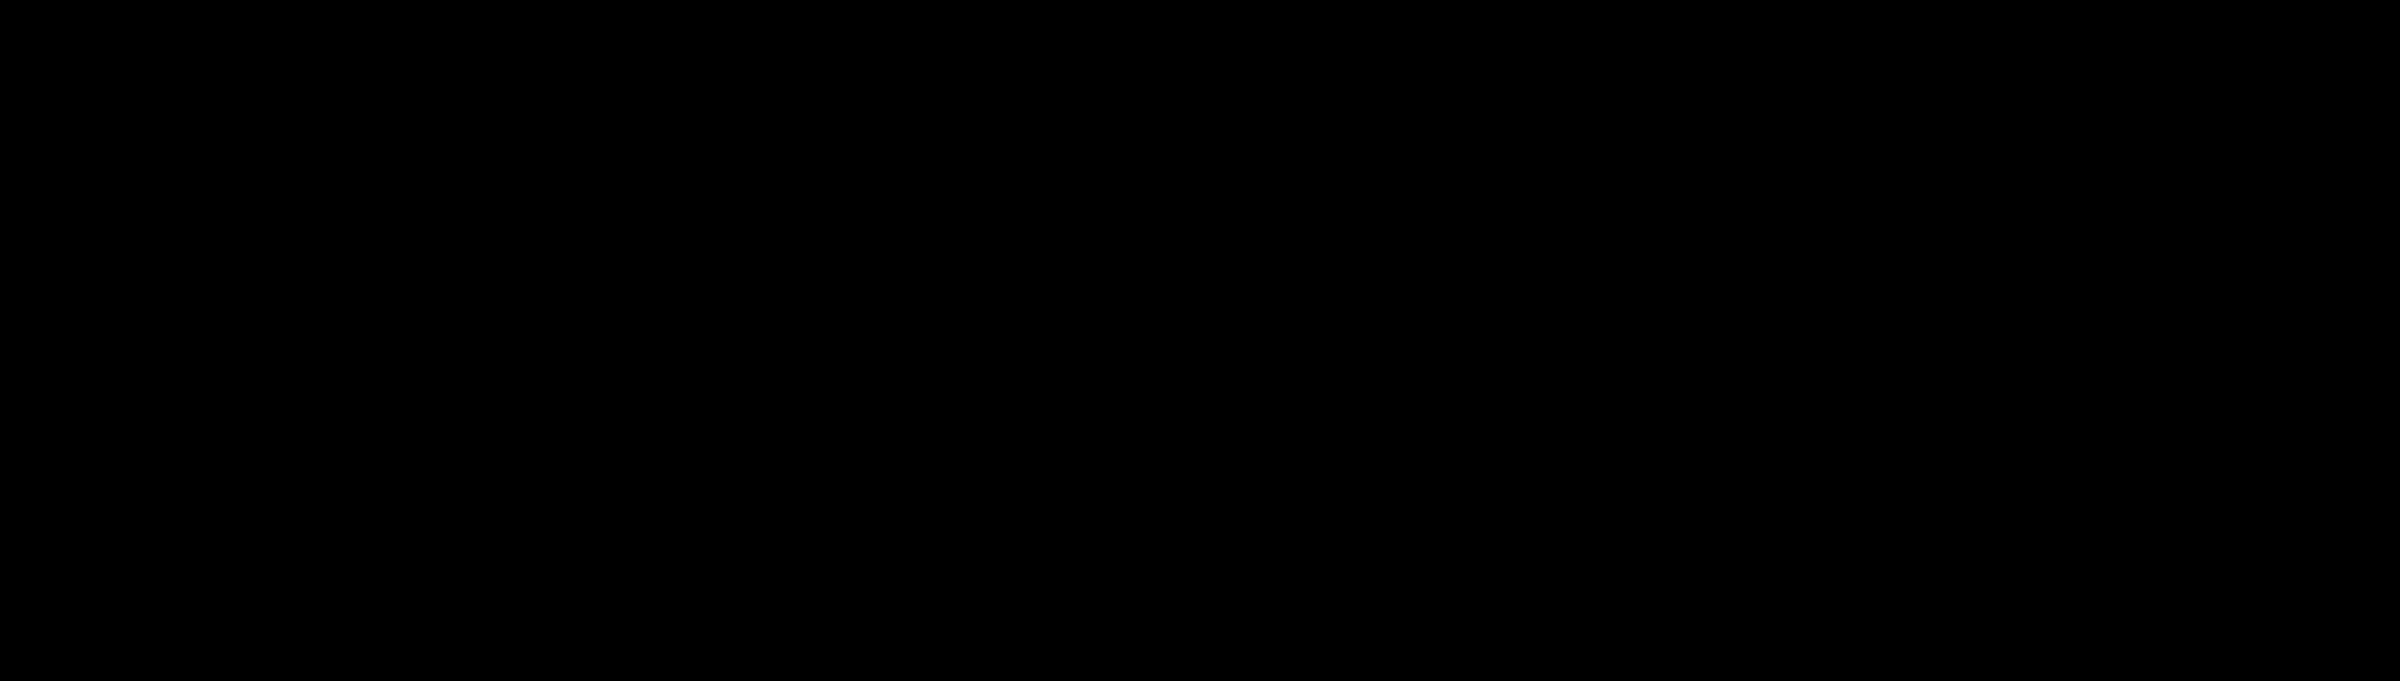 adweek-logo-png-transparent.png